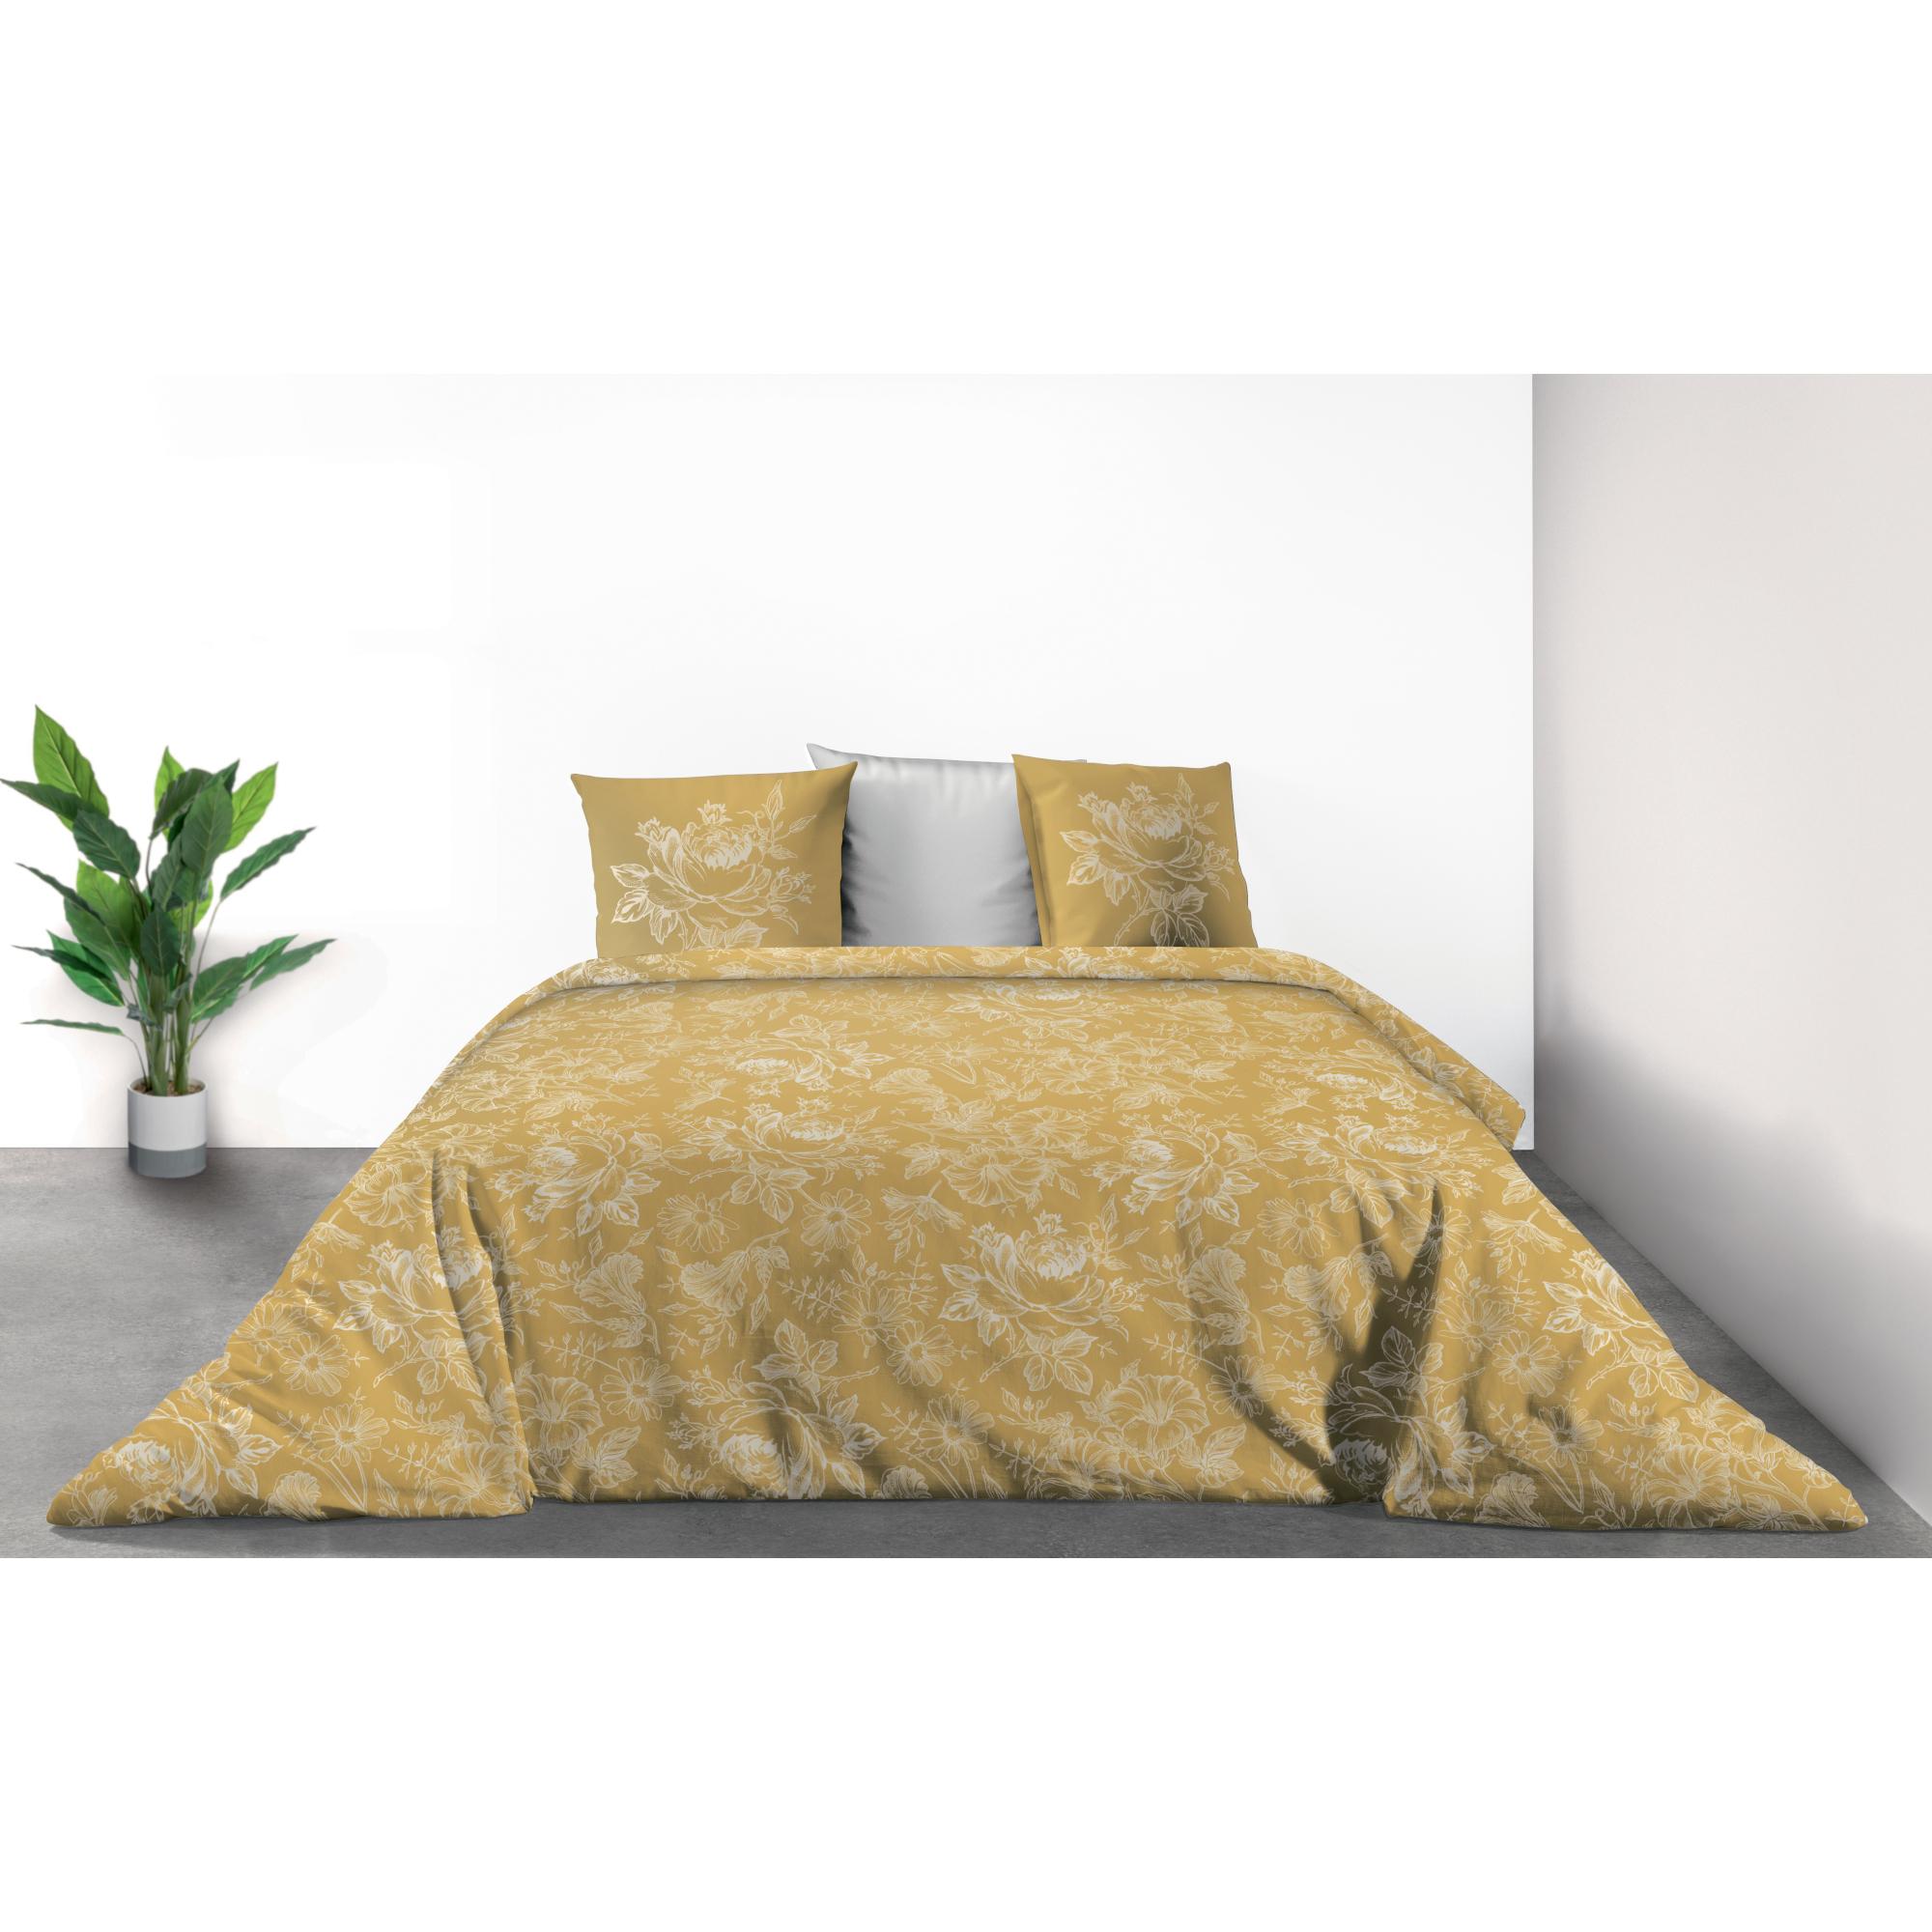 Parure de lit Bio 2 personnes Victoria Ocre avec housse de couette et taies d'oreiller Imprimé 240 x 220